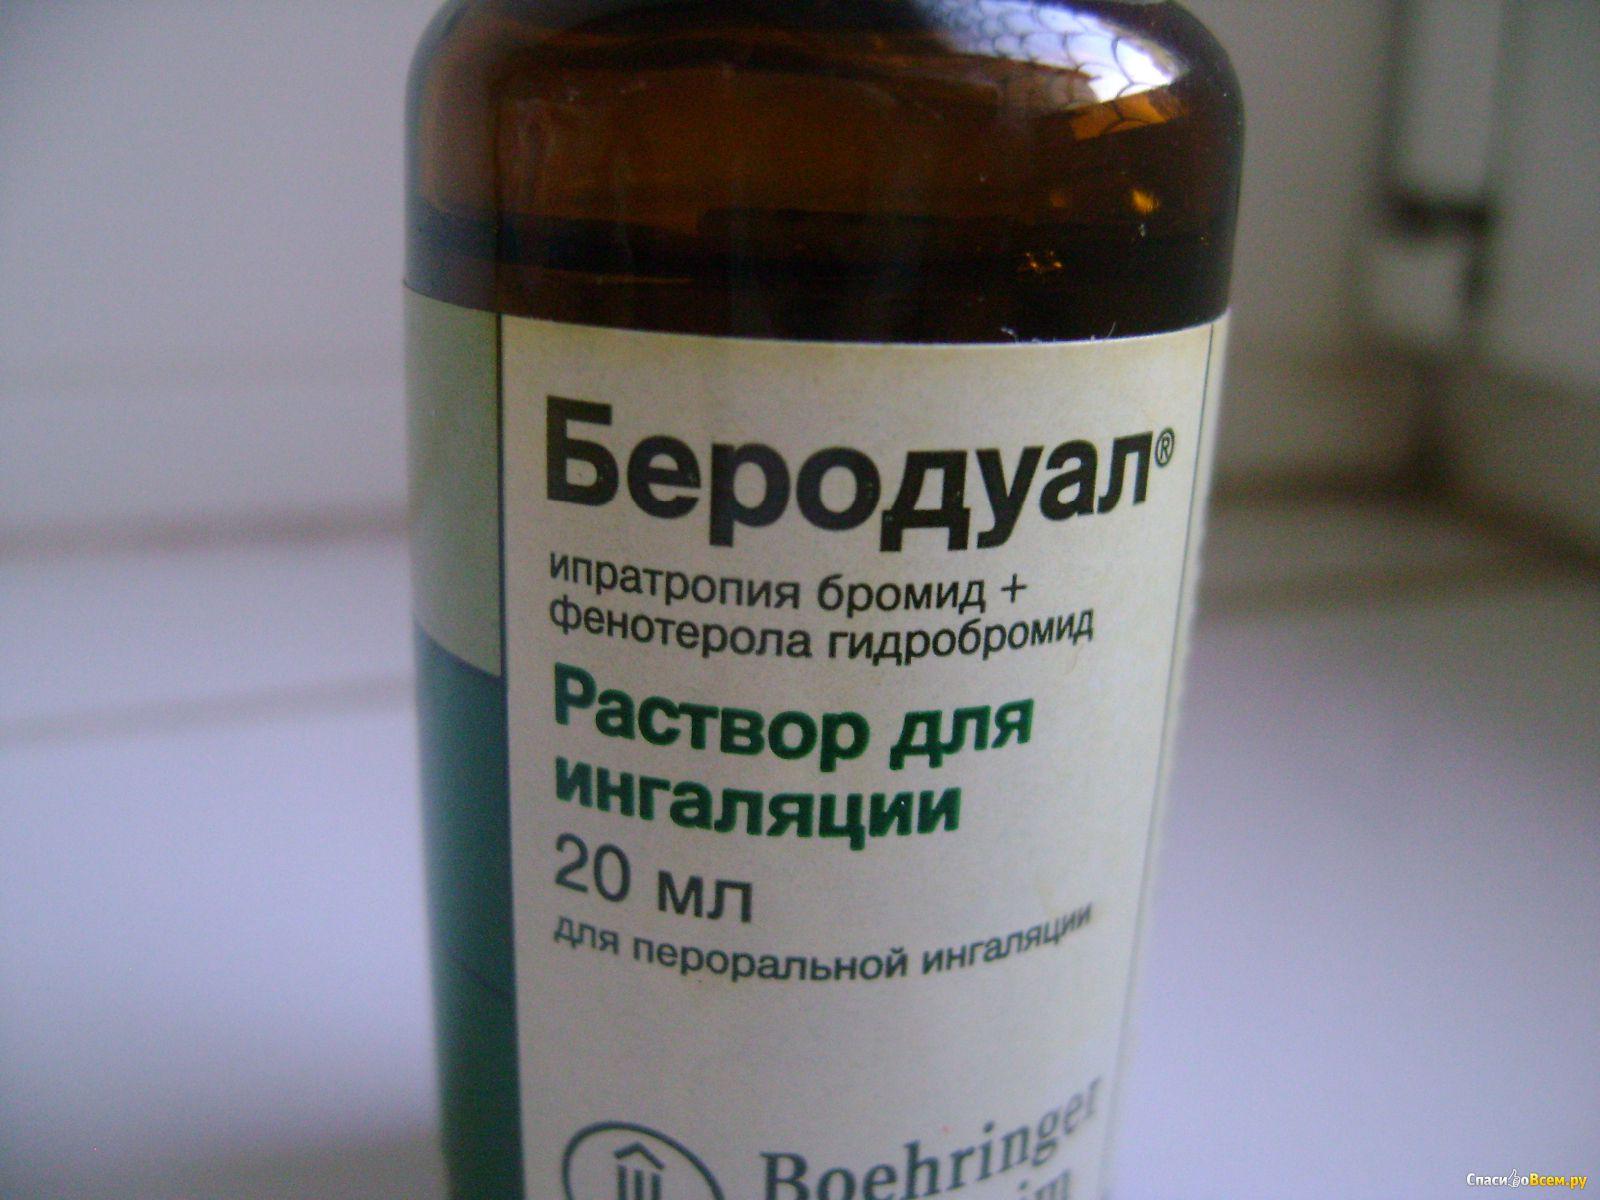 бердуал2